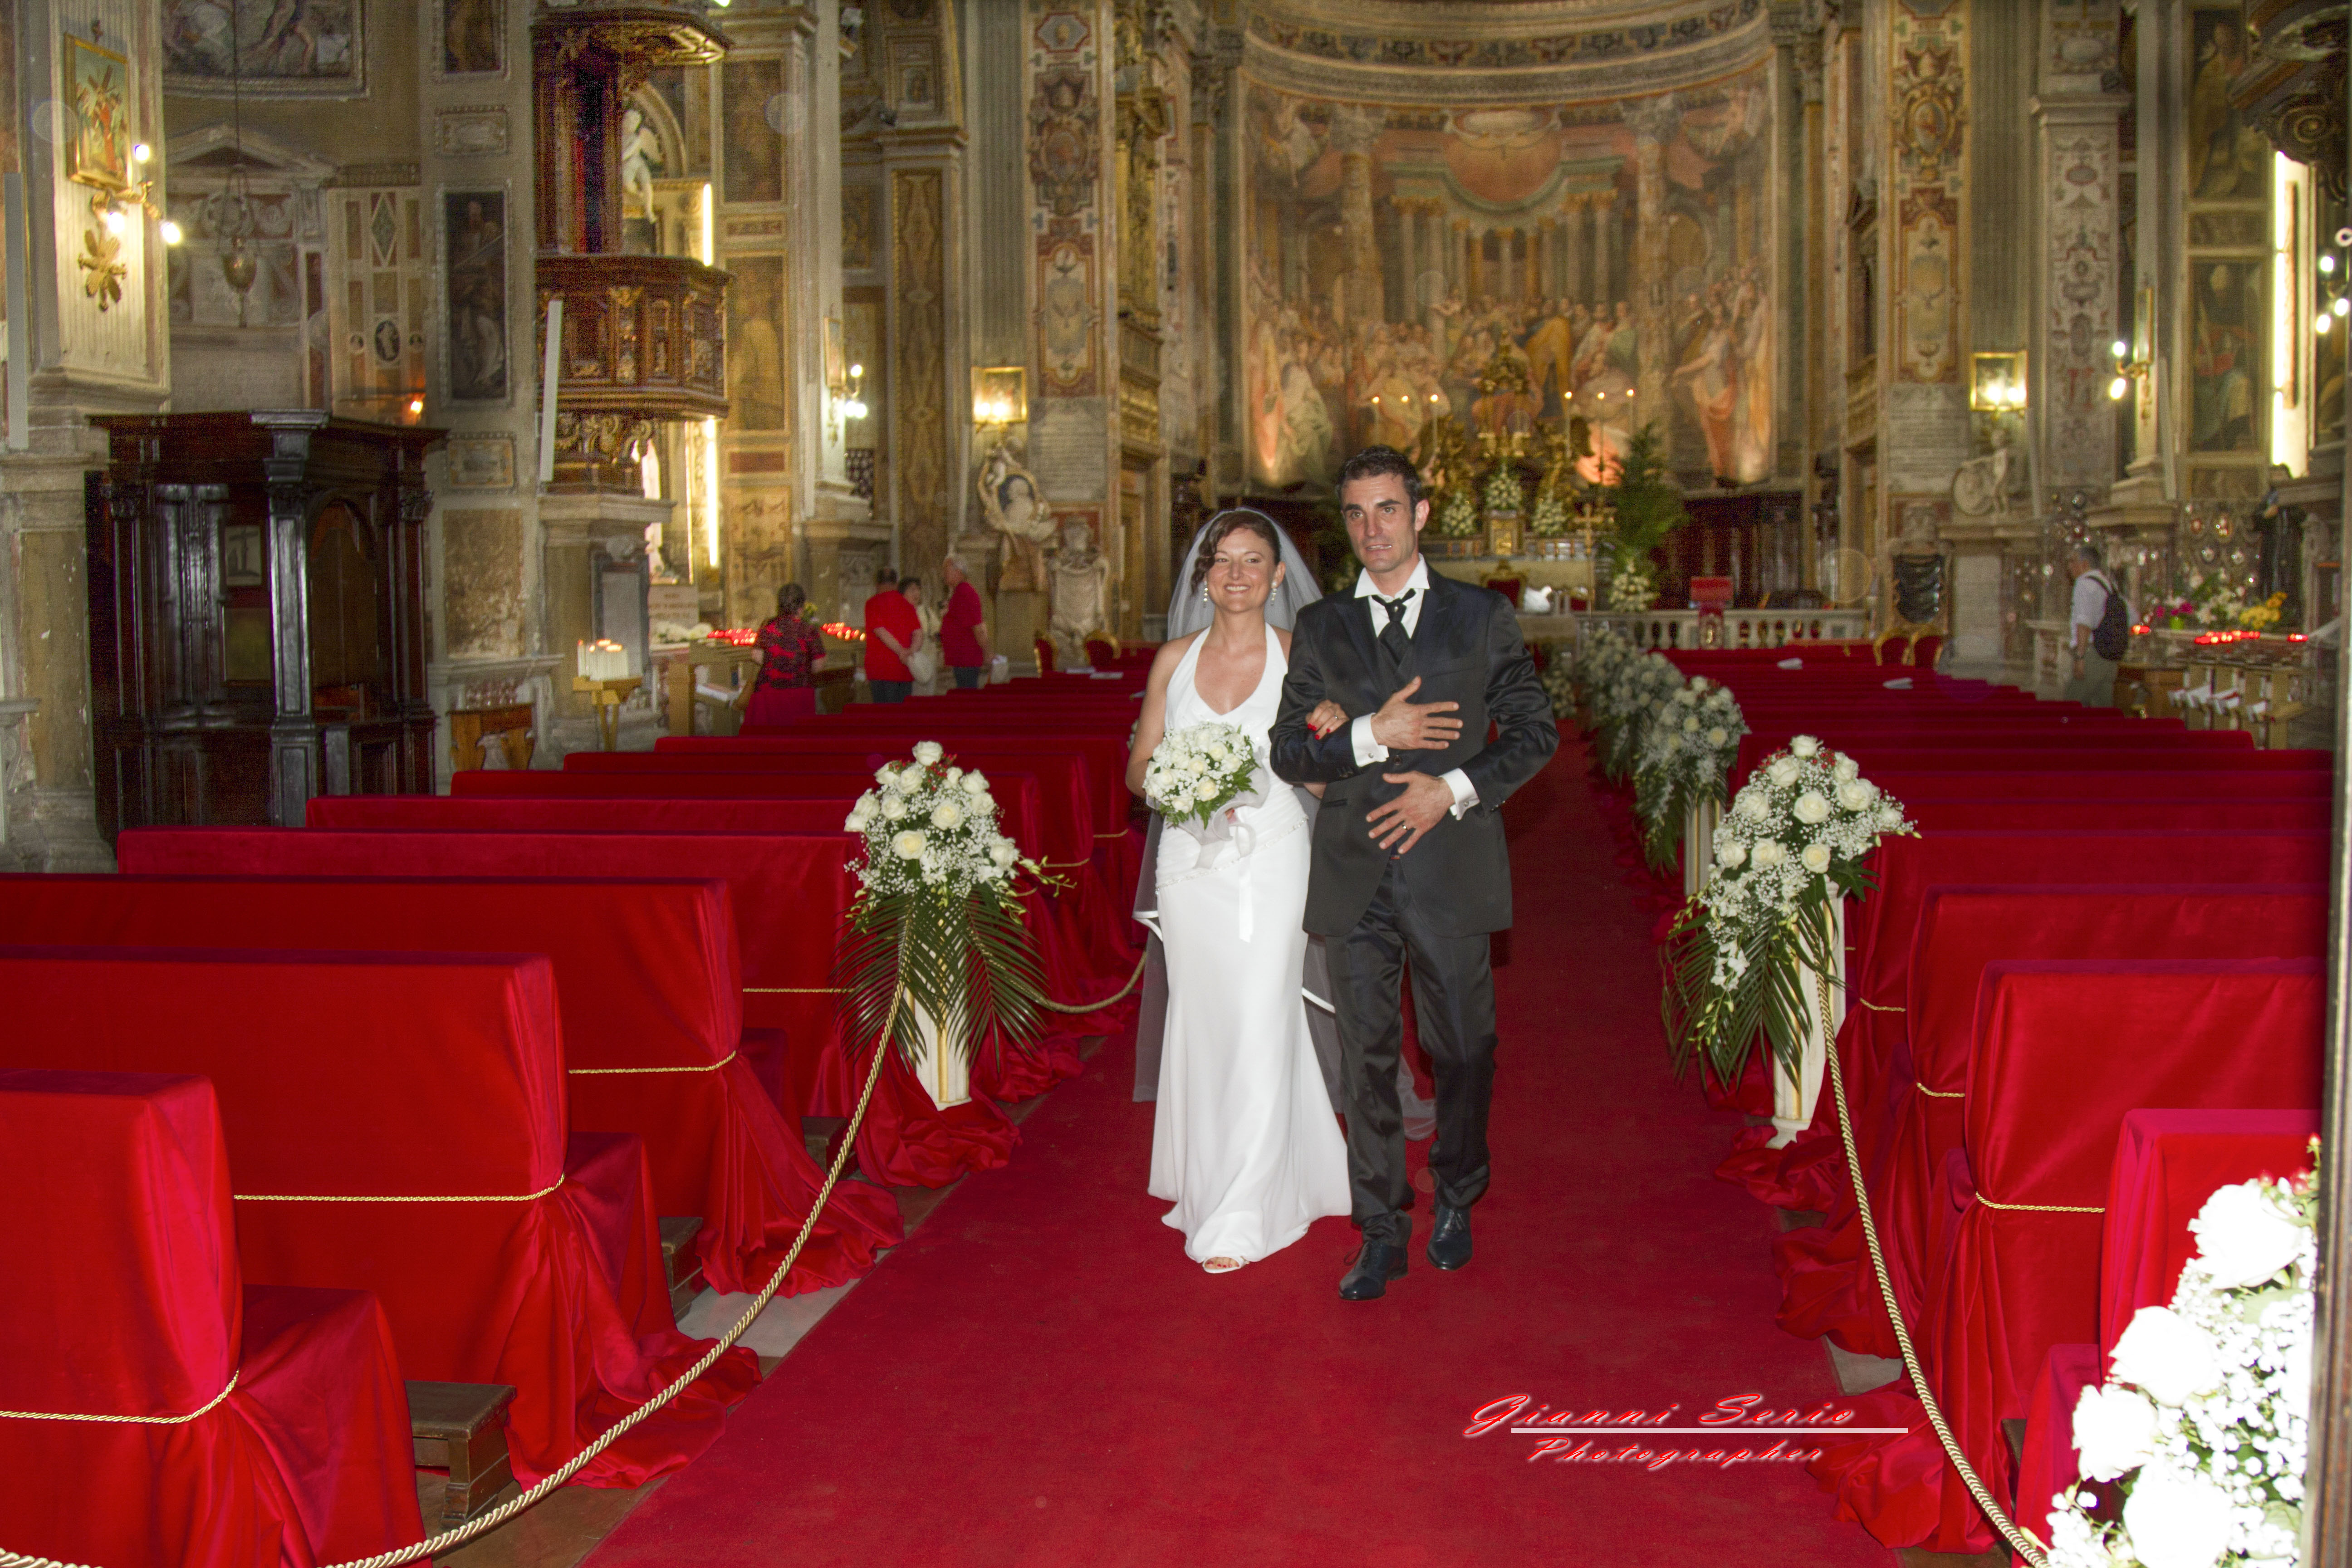 Matrimonio In Roma : Matriomonio a roma reportage matrimonio